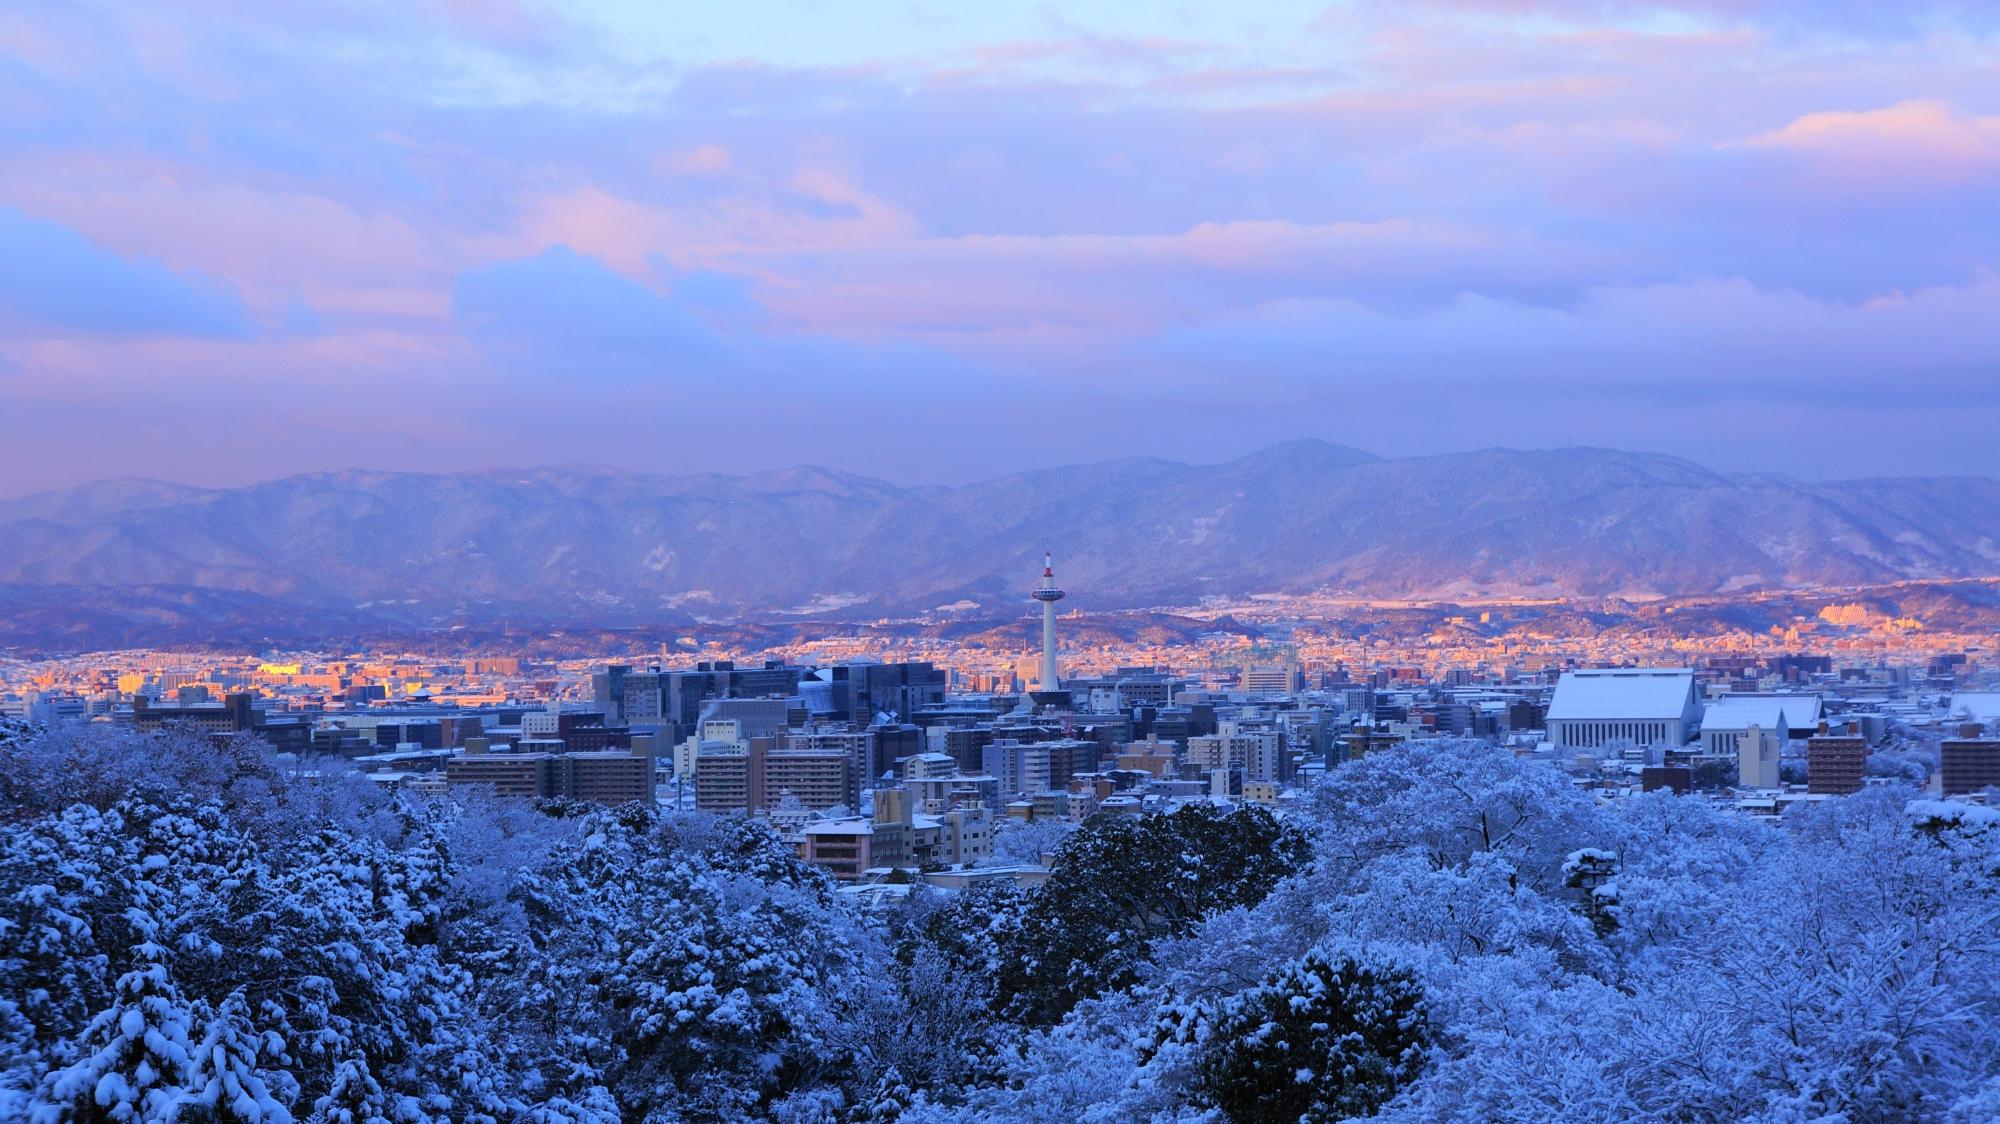 朝焼けと朝日がピンクに照らす雪の京都市街と京都タワー